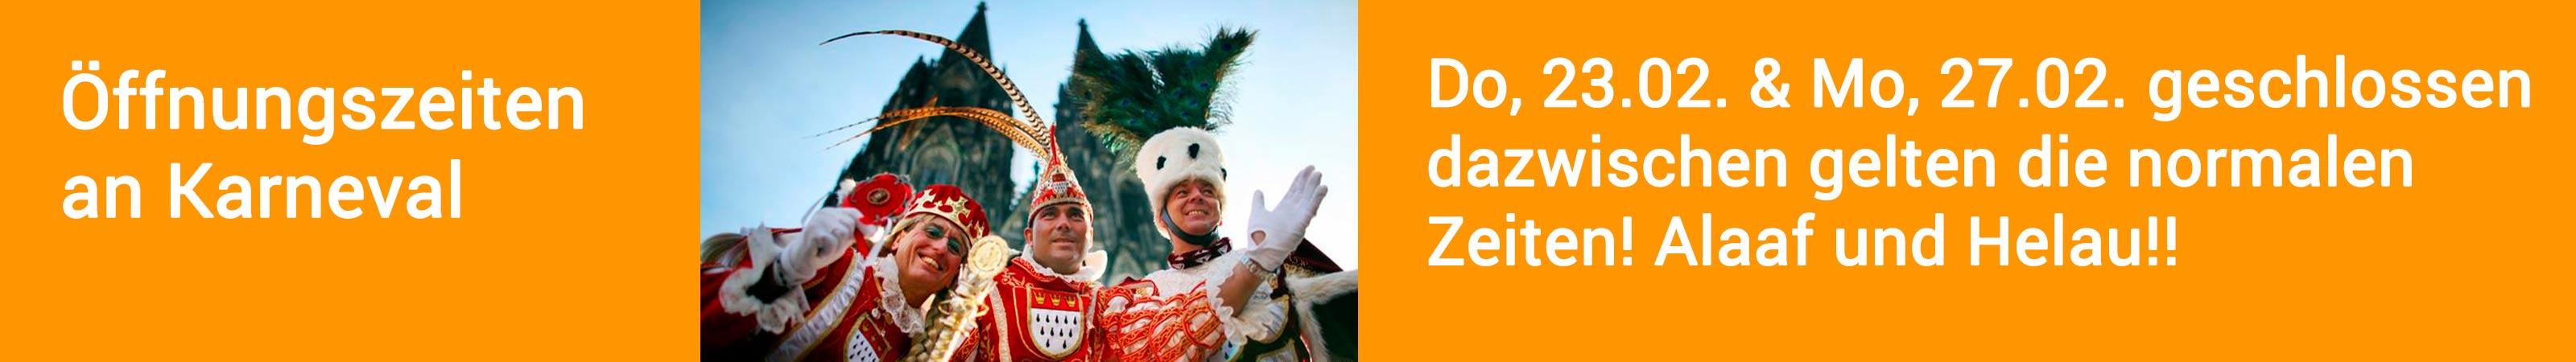 Radfieber w�nscht fr�hlichen Karneval!